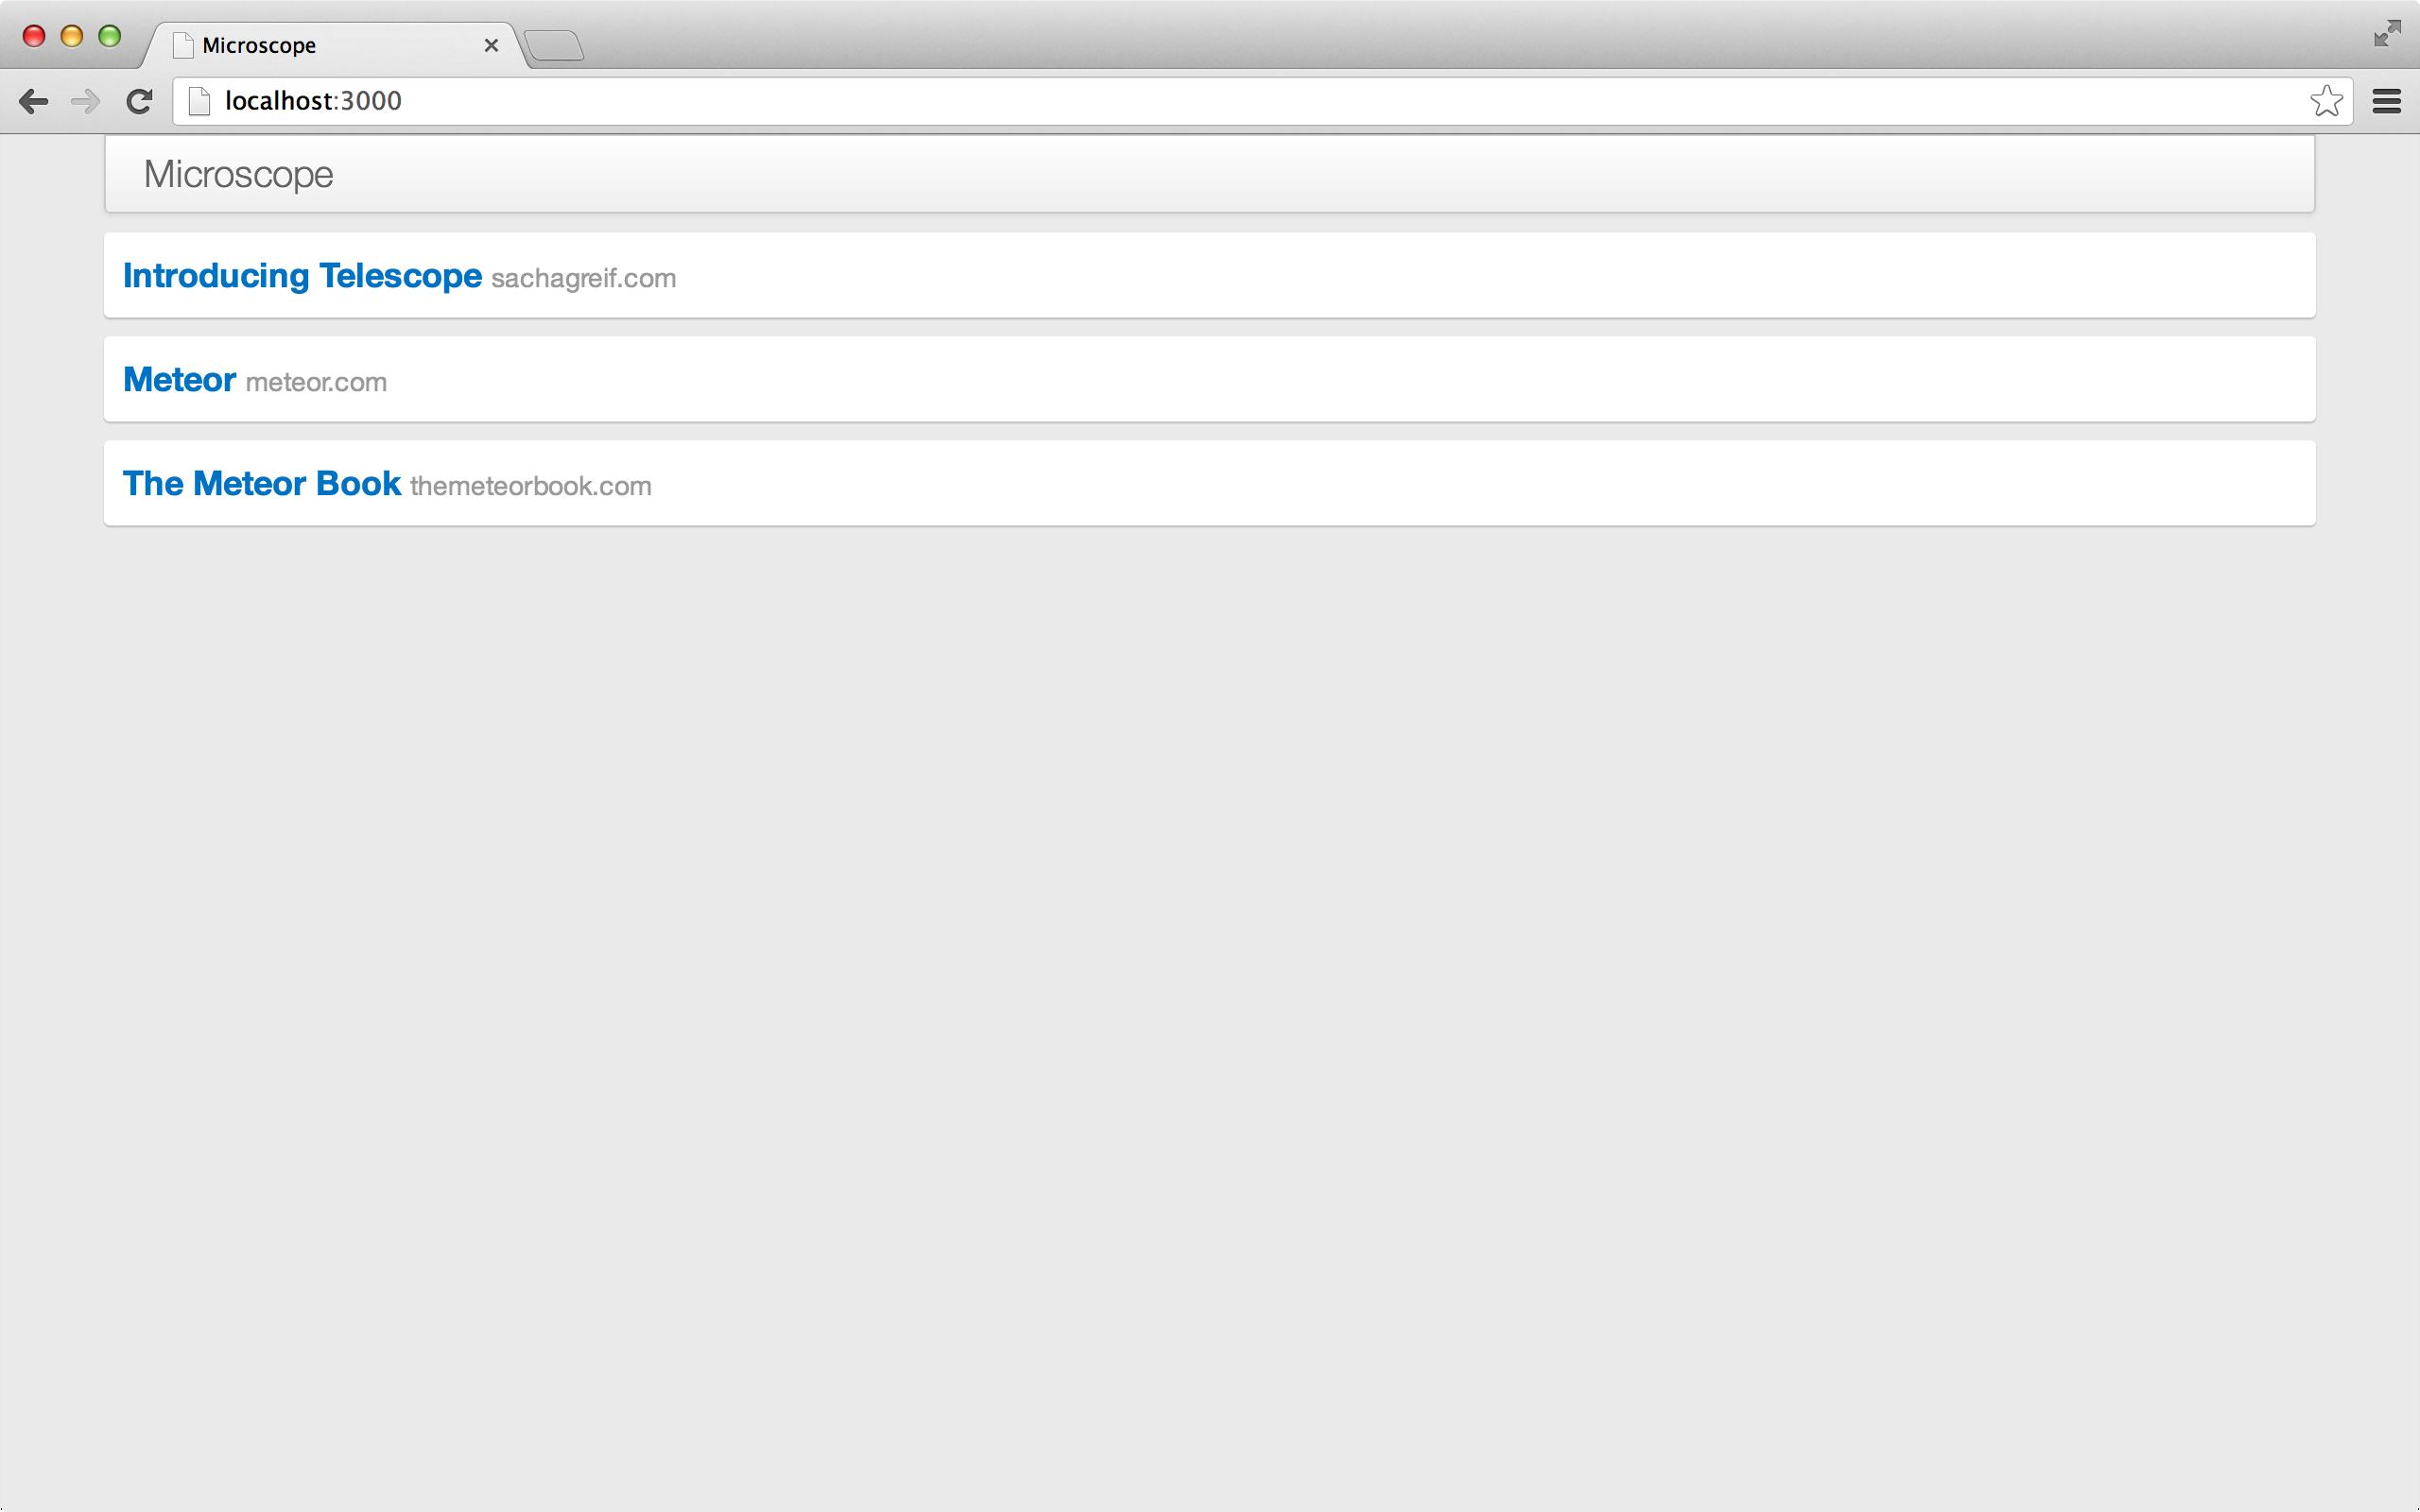 显示每个链接的域名。